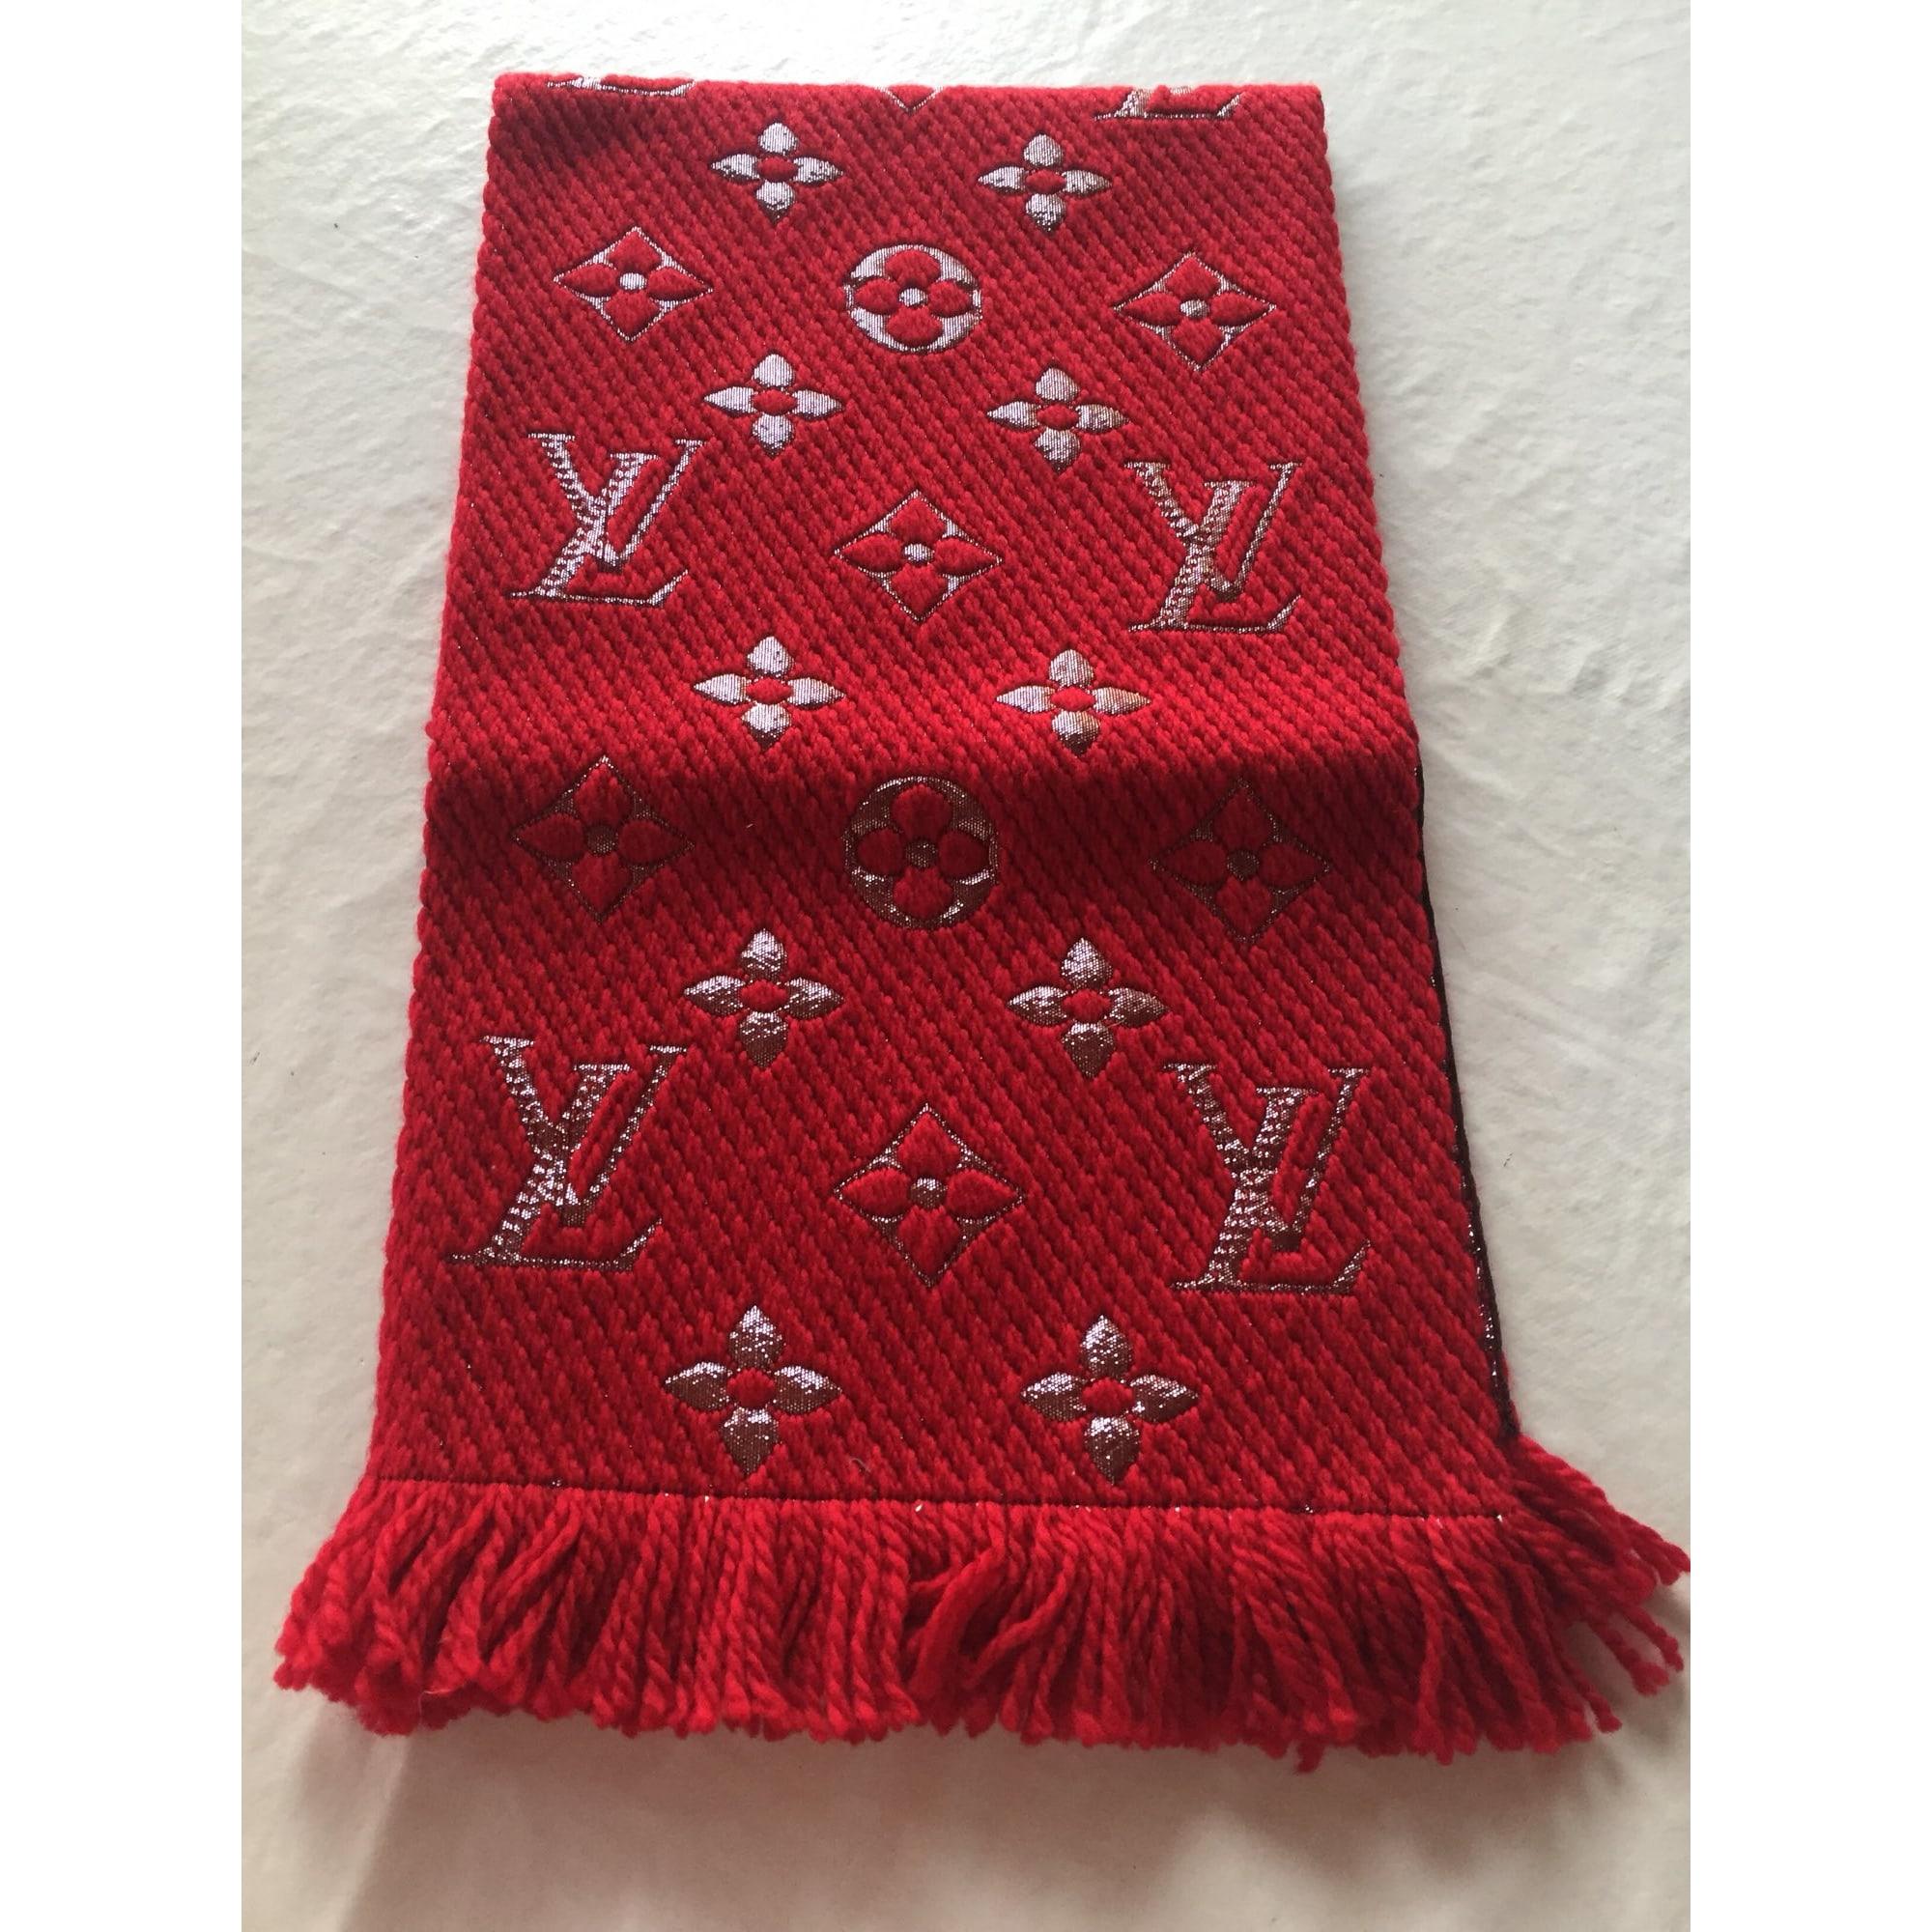 470ed9148cf Echarpe LOUIS VUITTON rouge vendu par Simonetta 12 - 7736940